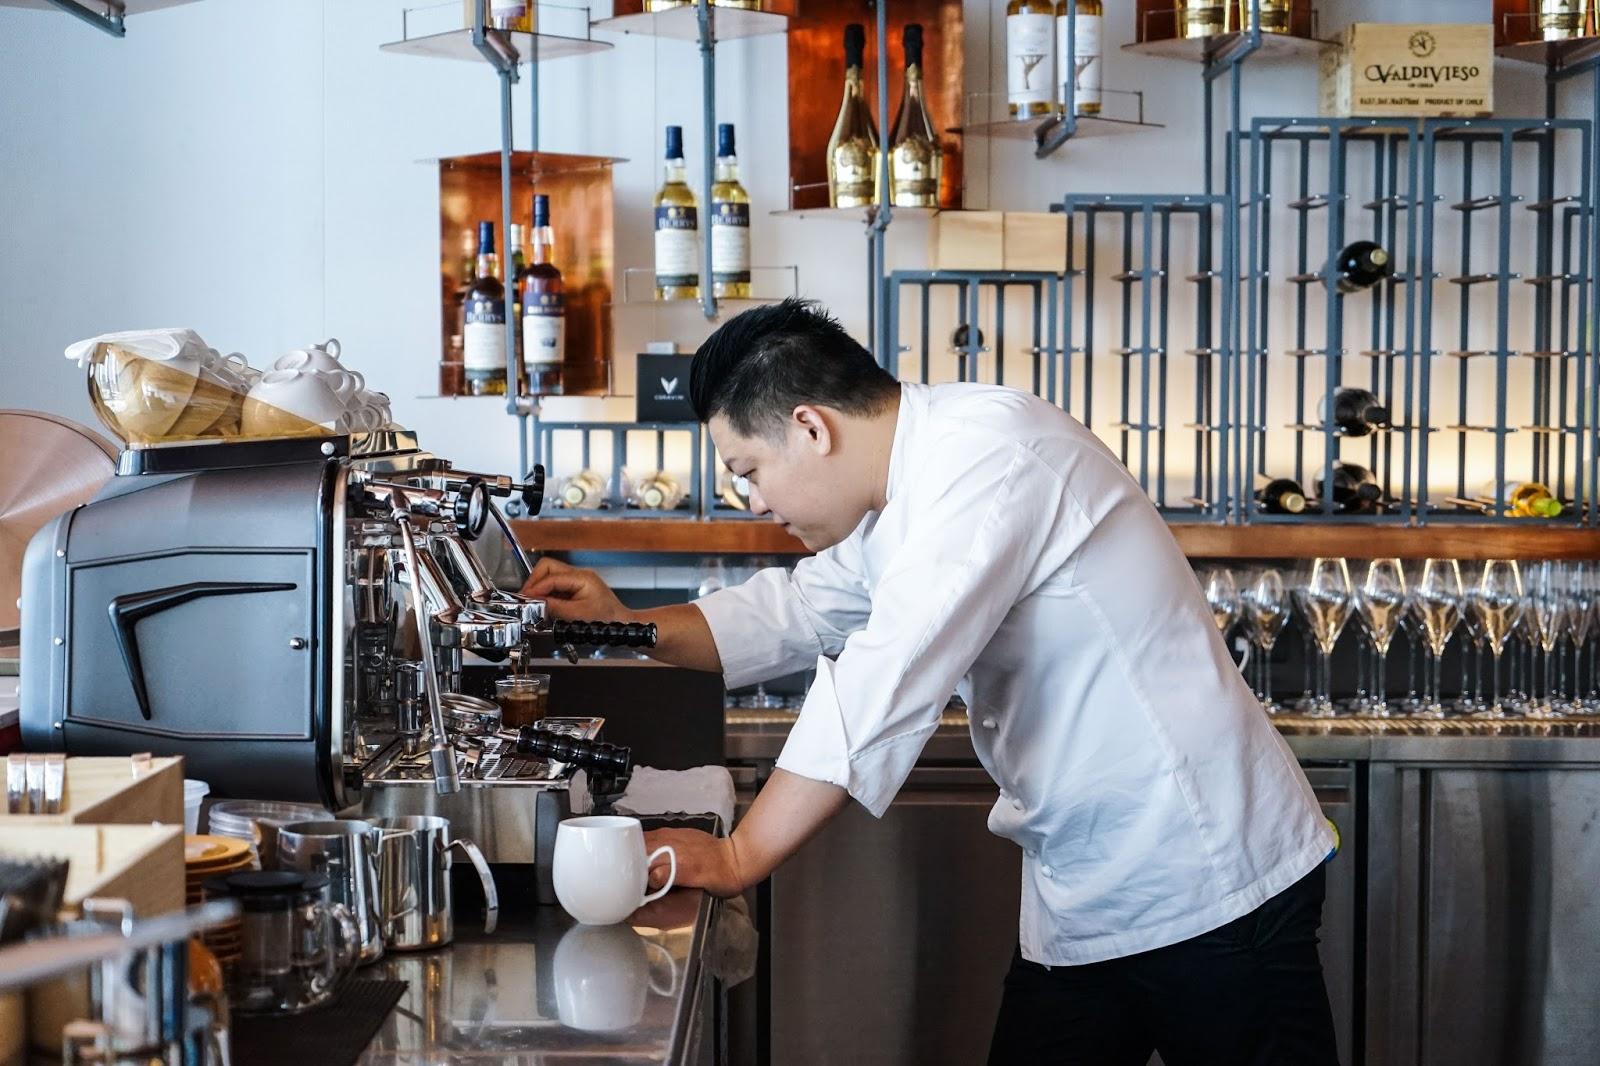 美食家的自學之路: 臺灣風土,這位甫獲得2018臺北米其林指南一星餐廳殊榮的態芮主廚何順凱自信地說:「我的菜就是我的菜。」 自小抱有廚師夢的他,法式呈現-何順凱再出發的新餐廳Taïrroir 態芮